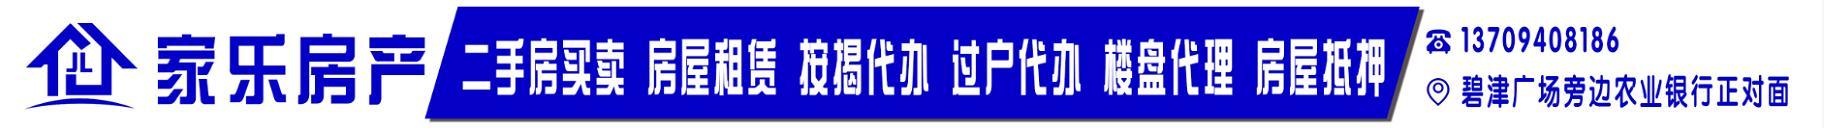 酉阳家乐房产服务有限公司